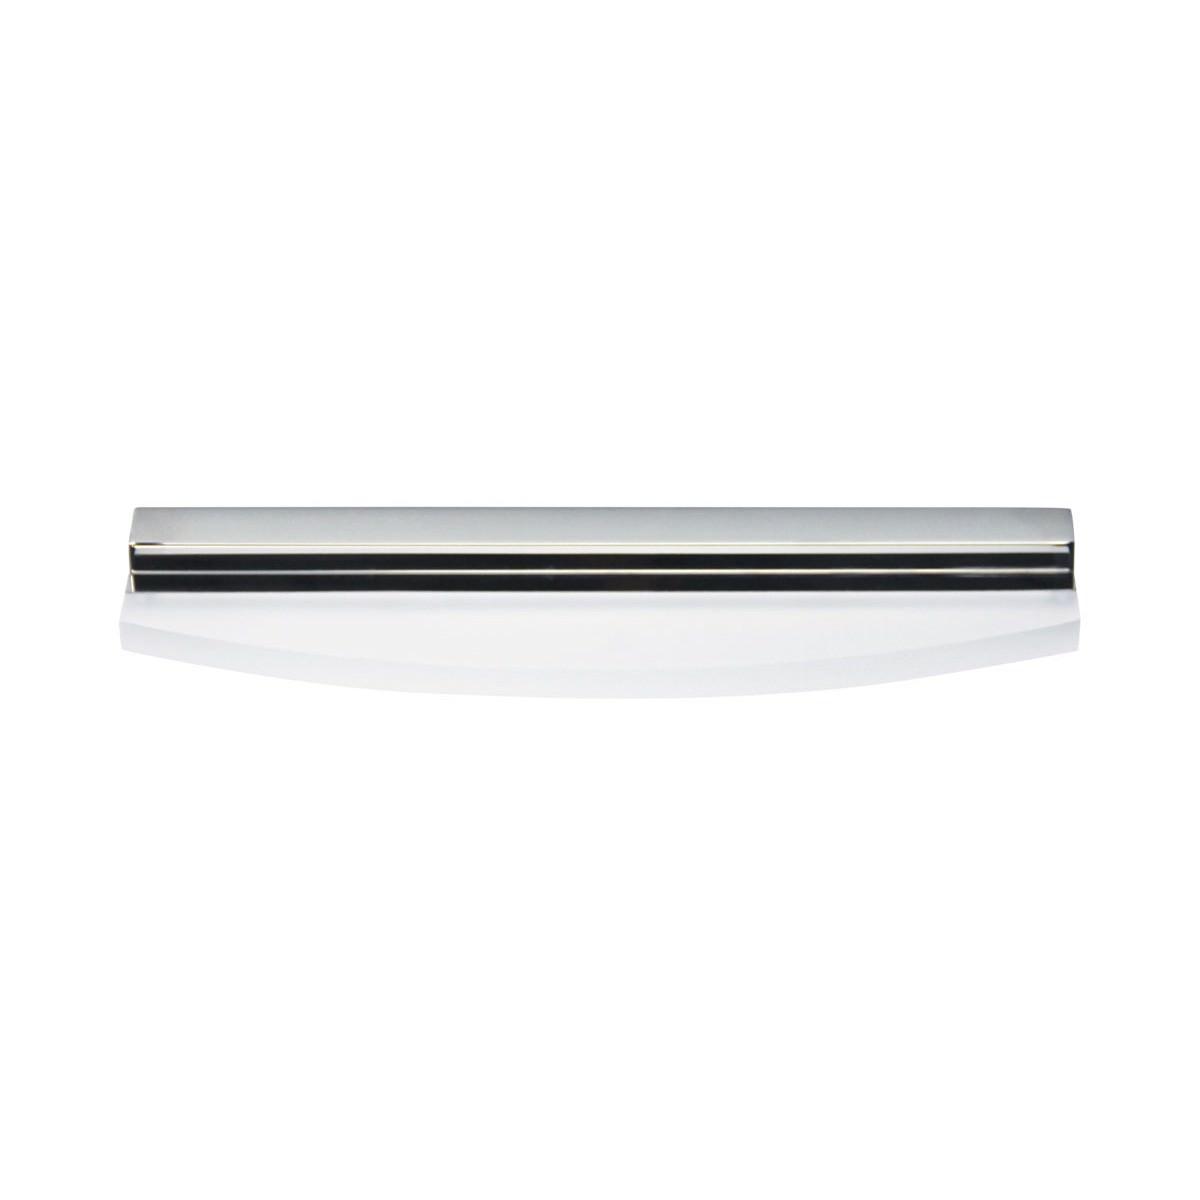 Gebo LED Vanity Light, 40cm